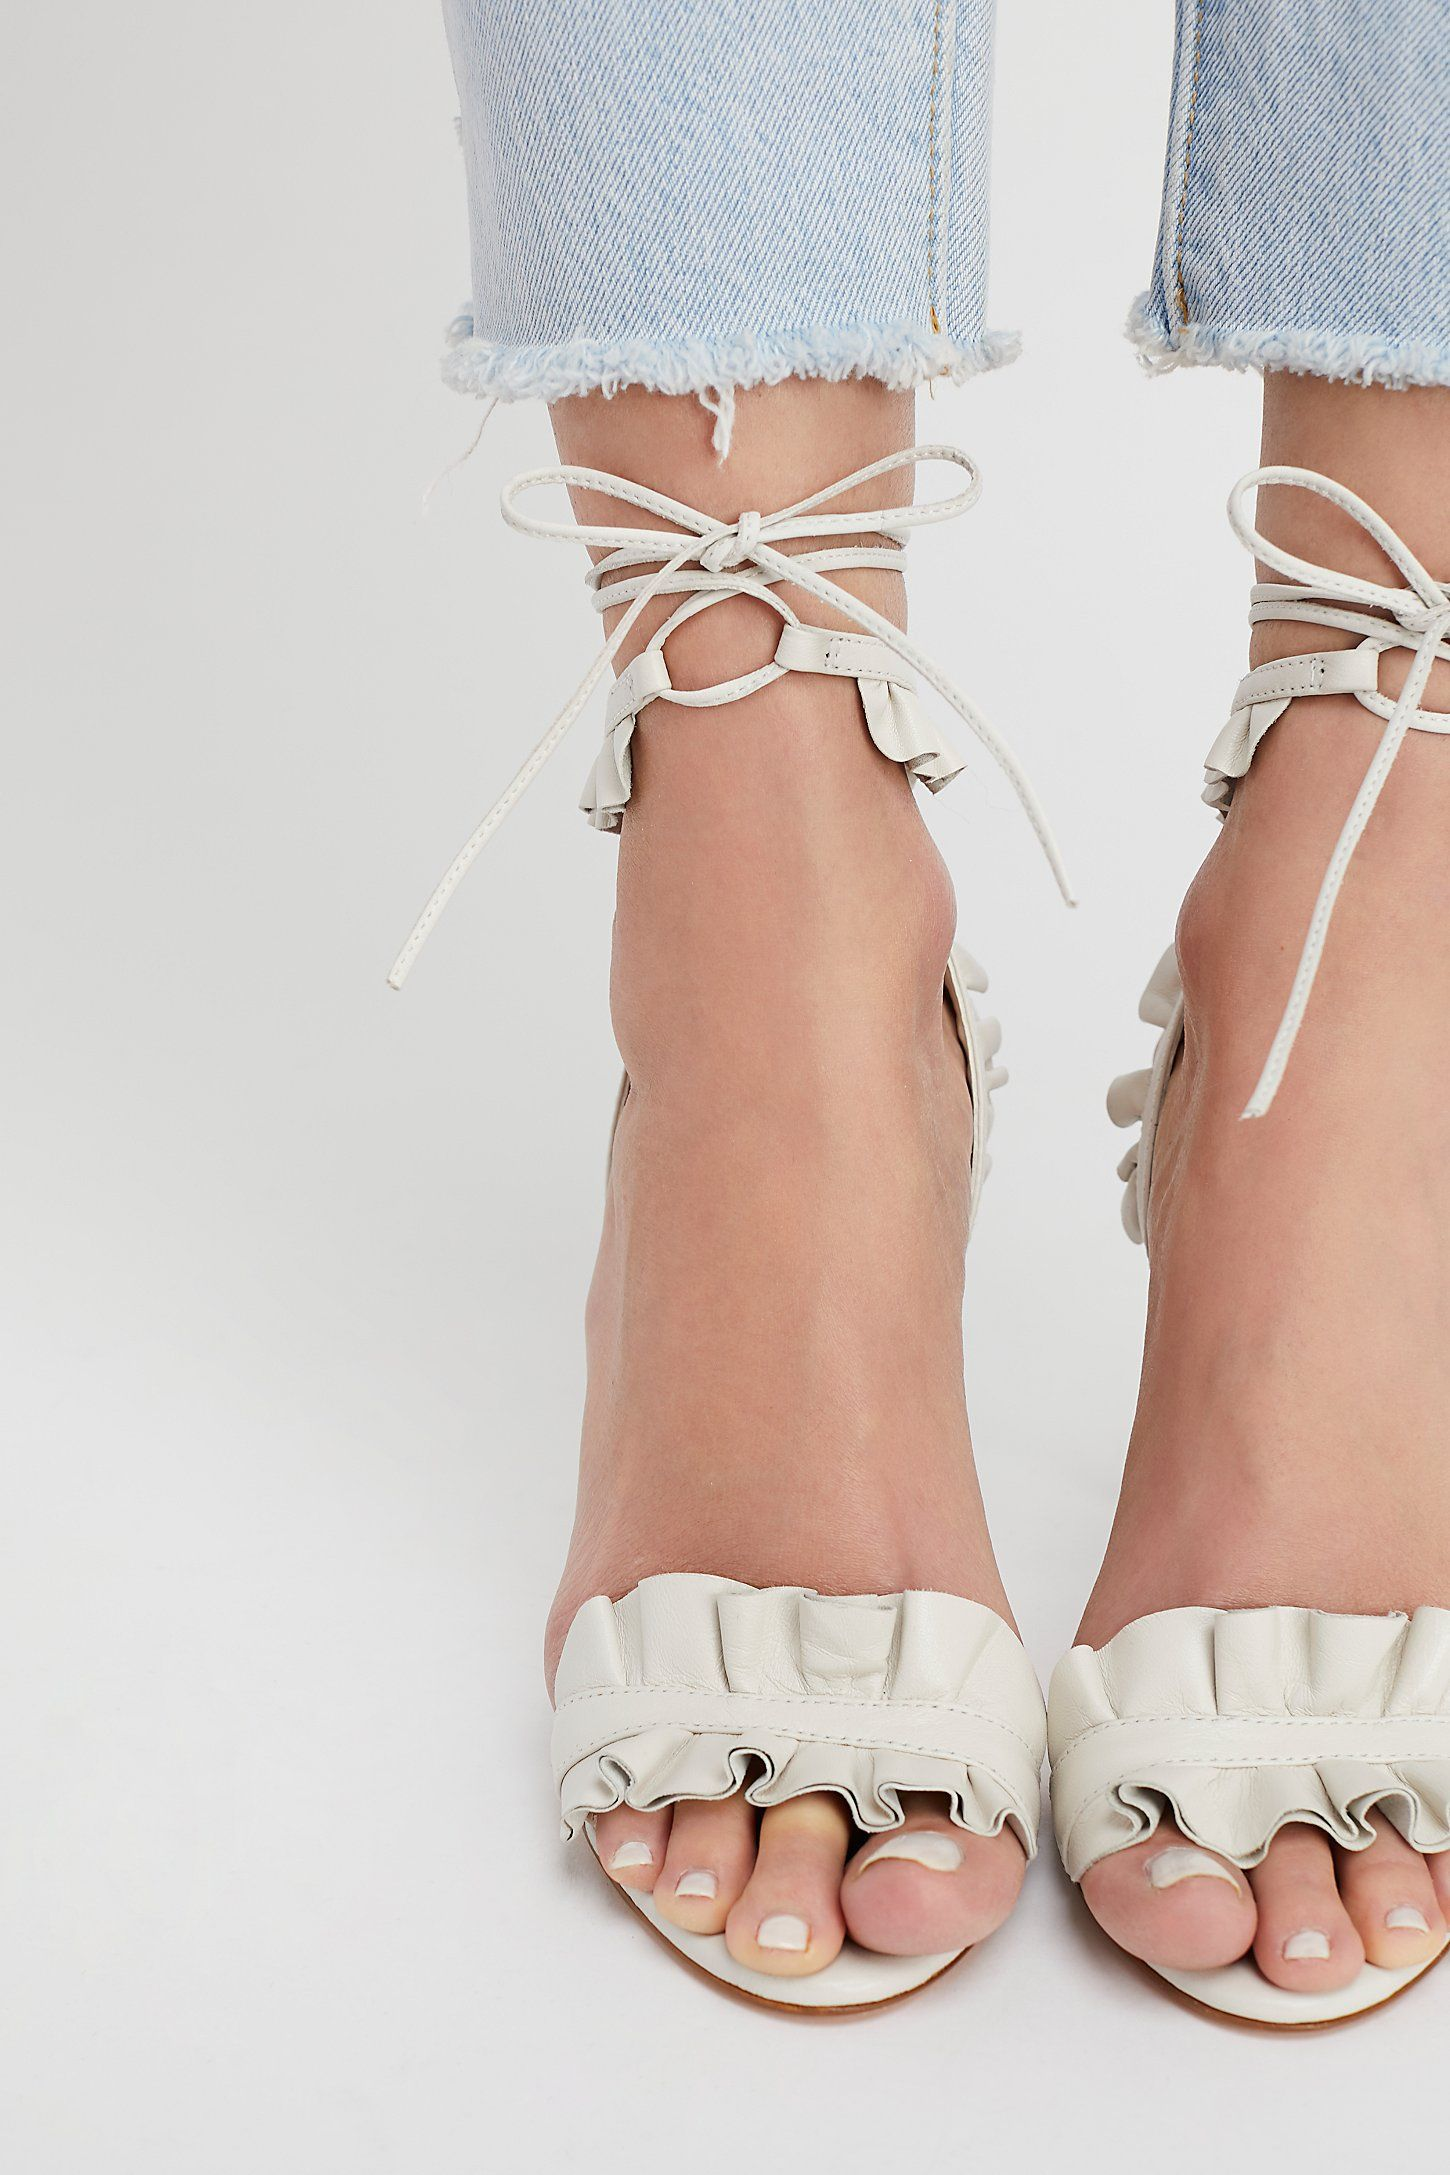 c2ed1a3e0fc Irem Heel #ad #newarrivals | shoes | Shoes heels, Heels, Shoes